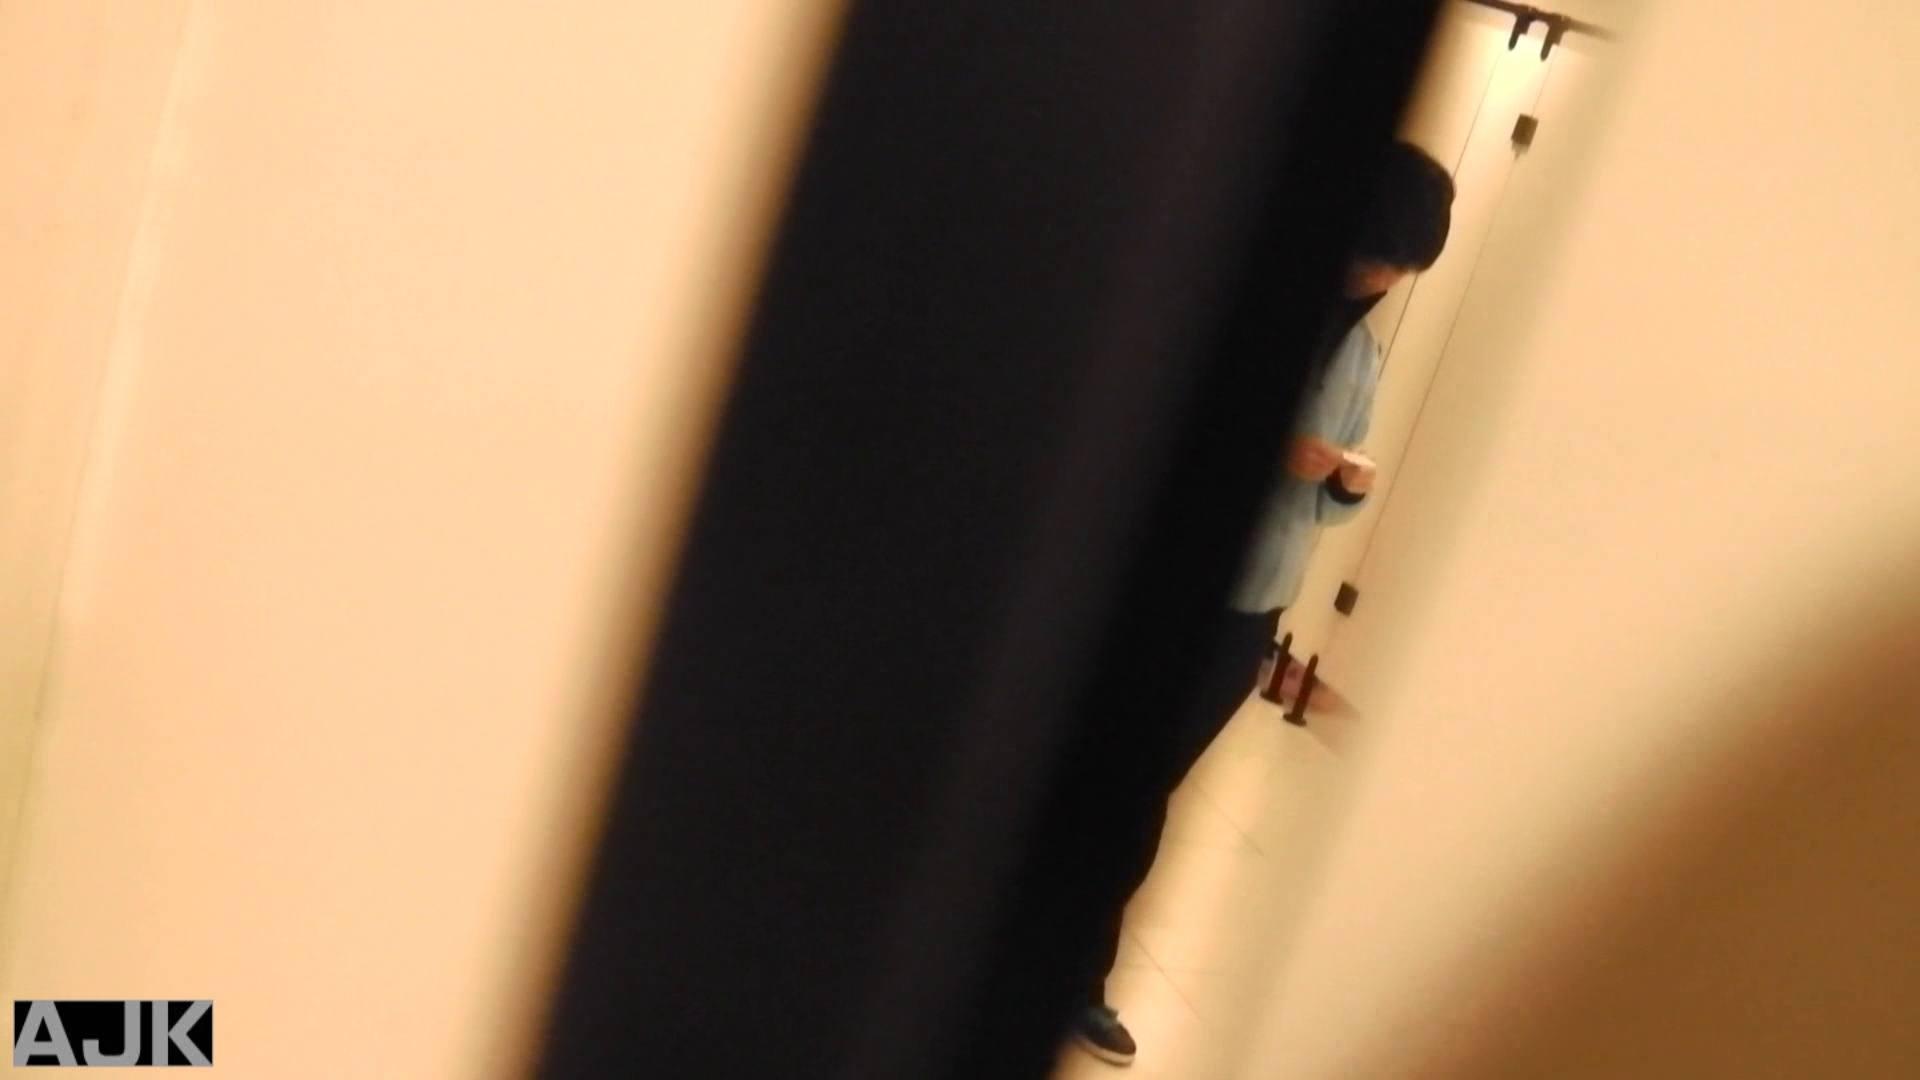 神降臨!史上最強の潜入かわや! vol.10 潜入 盗み撮り動画キャプチャ 67画像 24